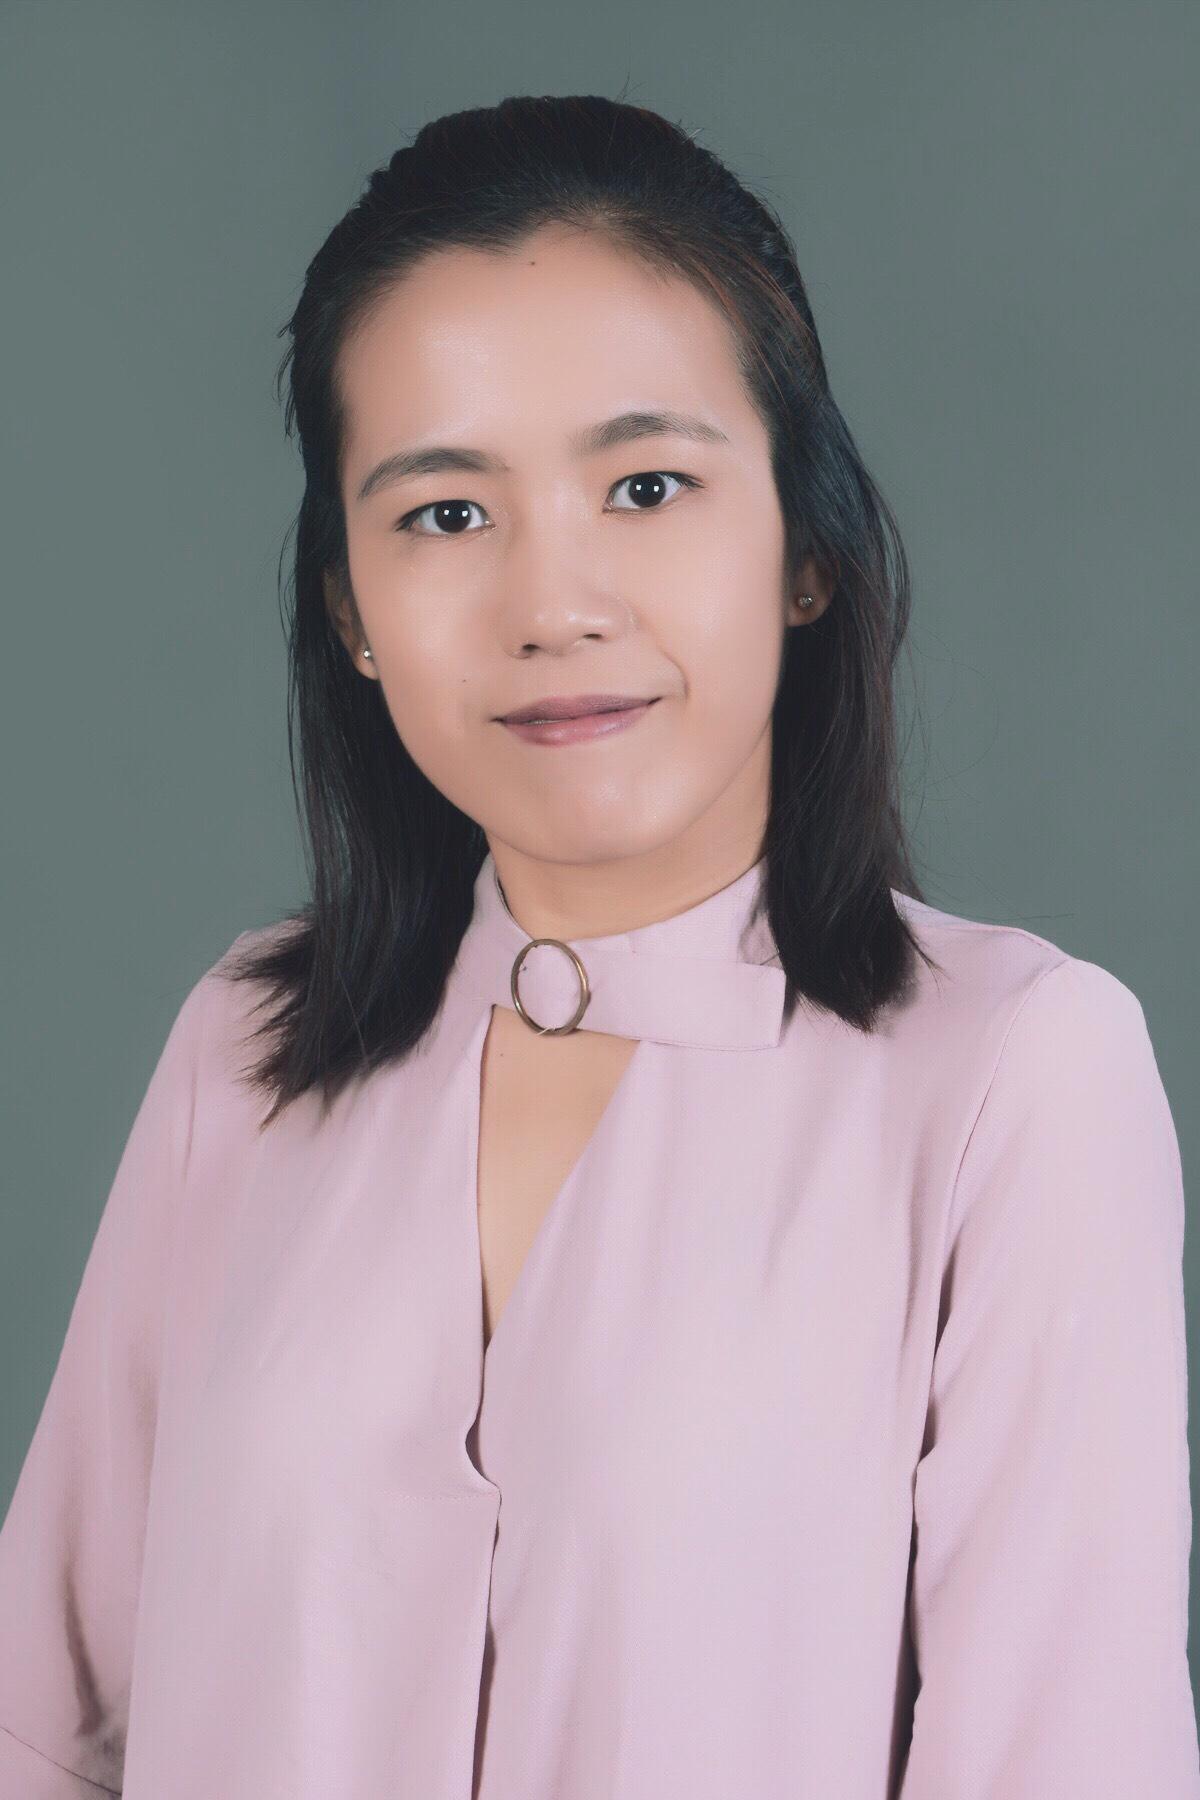 Daw Zin Wai Maw